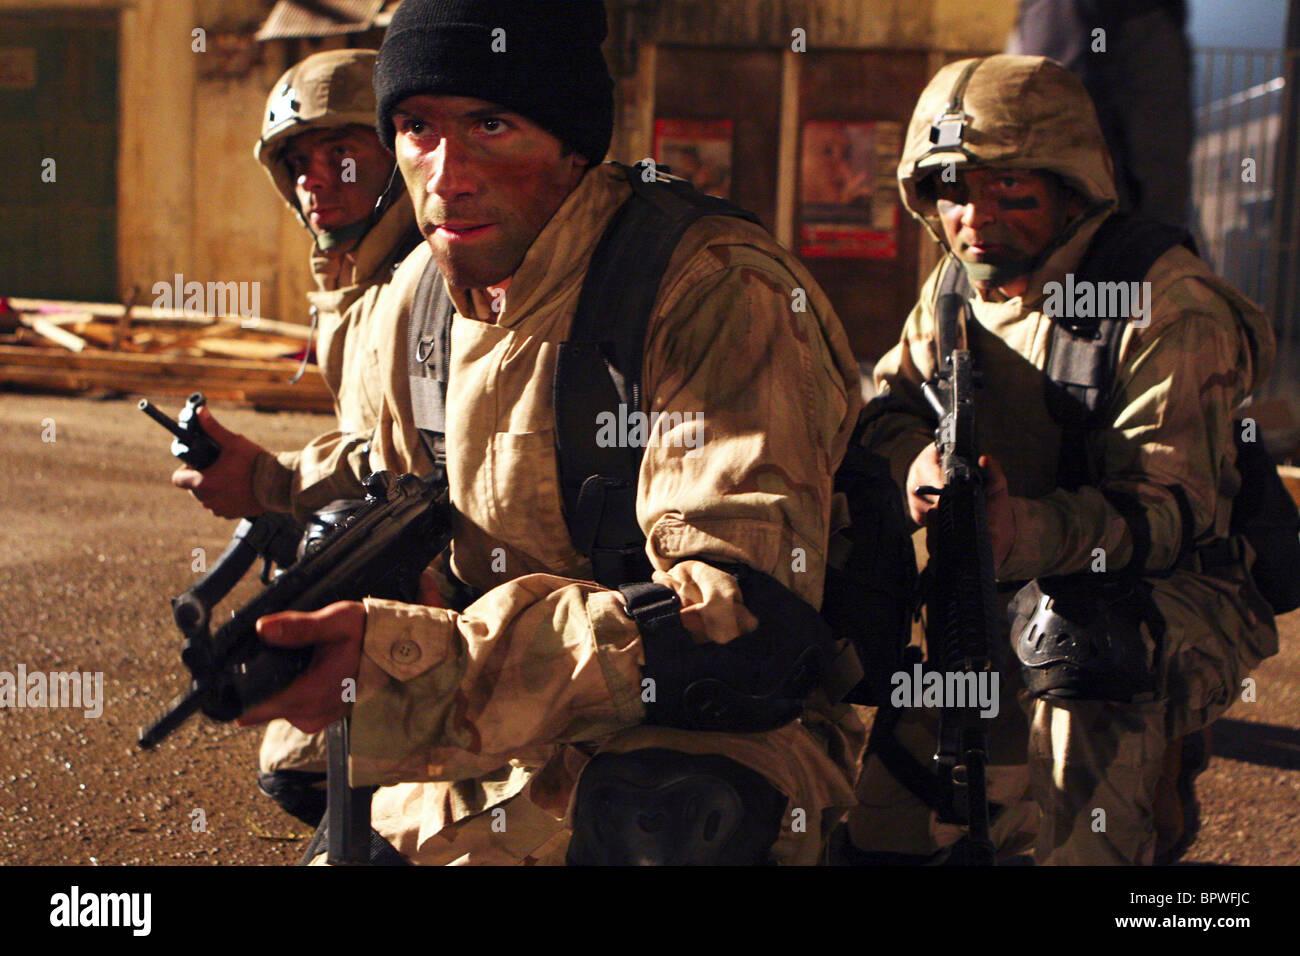 ARMY TROOP SCENE THE SHEPHERD: BORDER PATROL (2008) - Stock Image